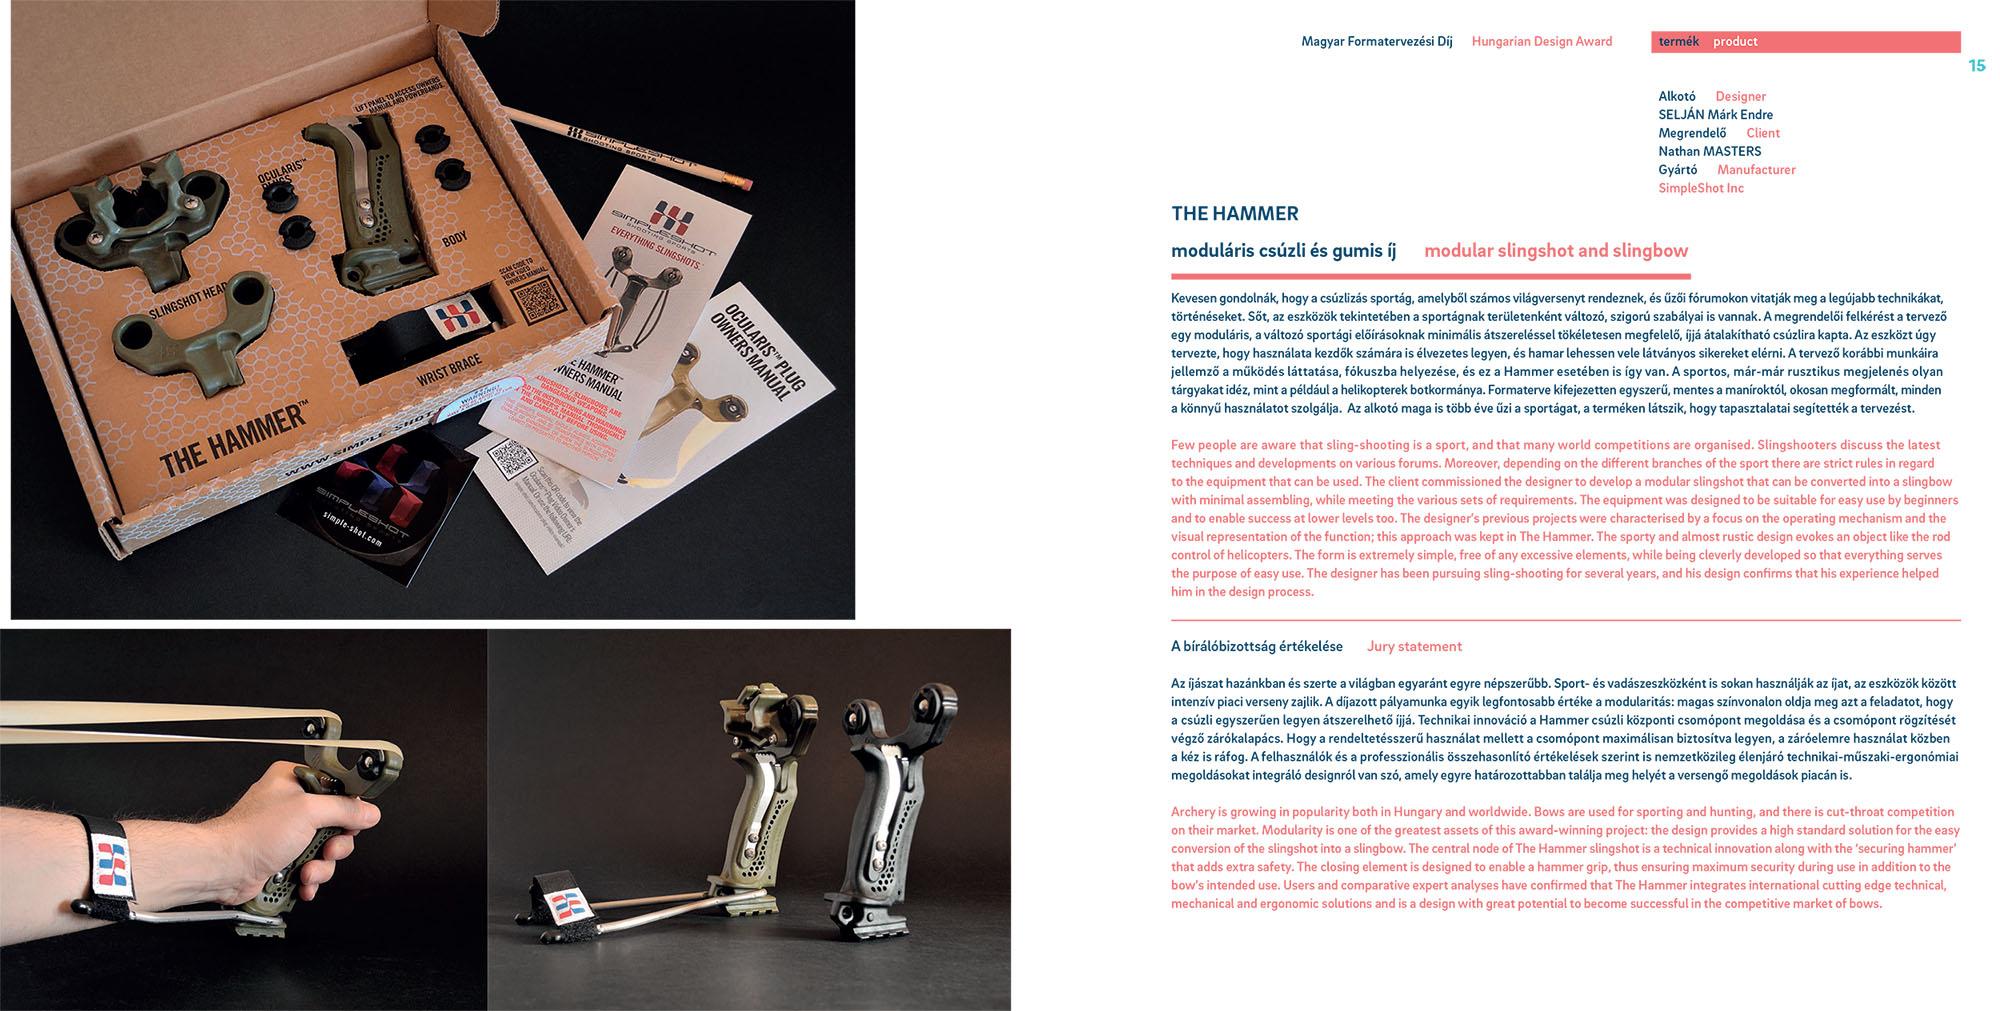 The Hammer Winner of The Hungarian Design Award